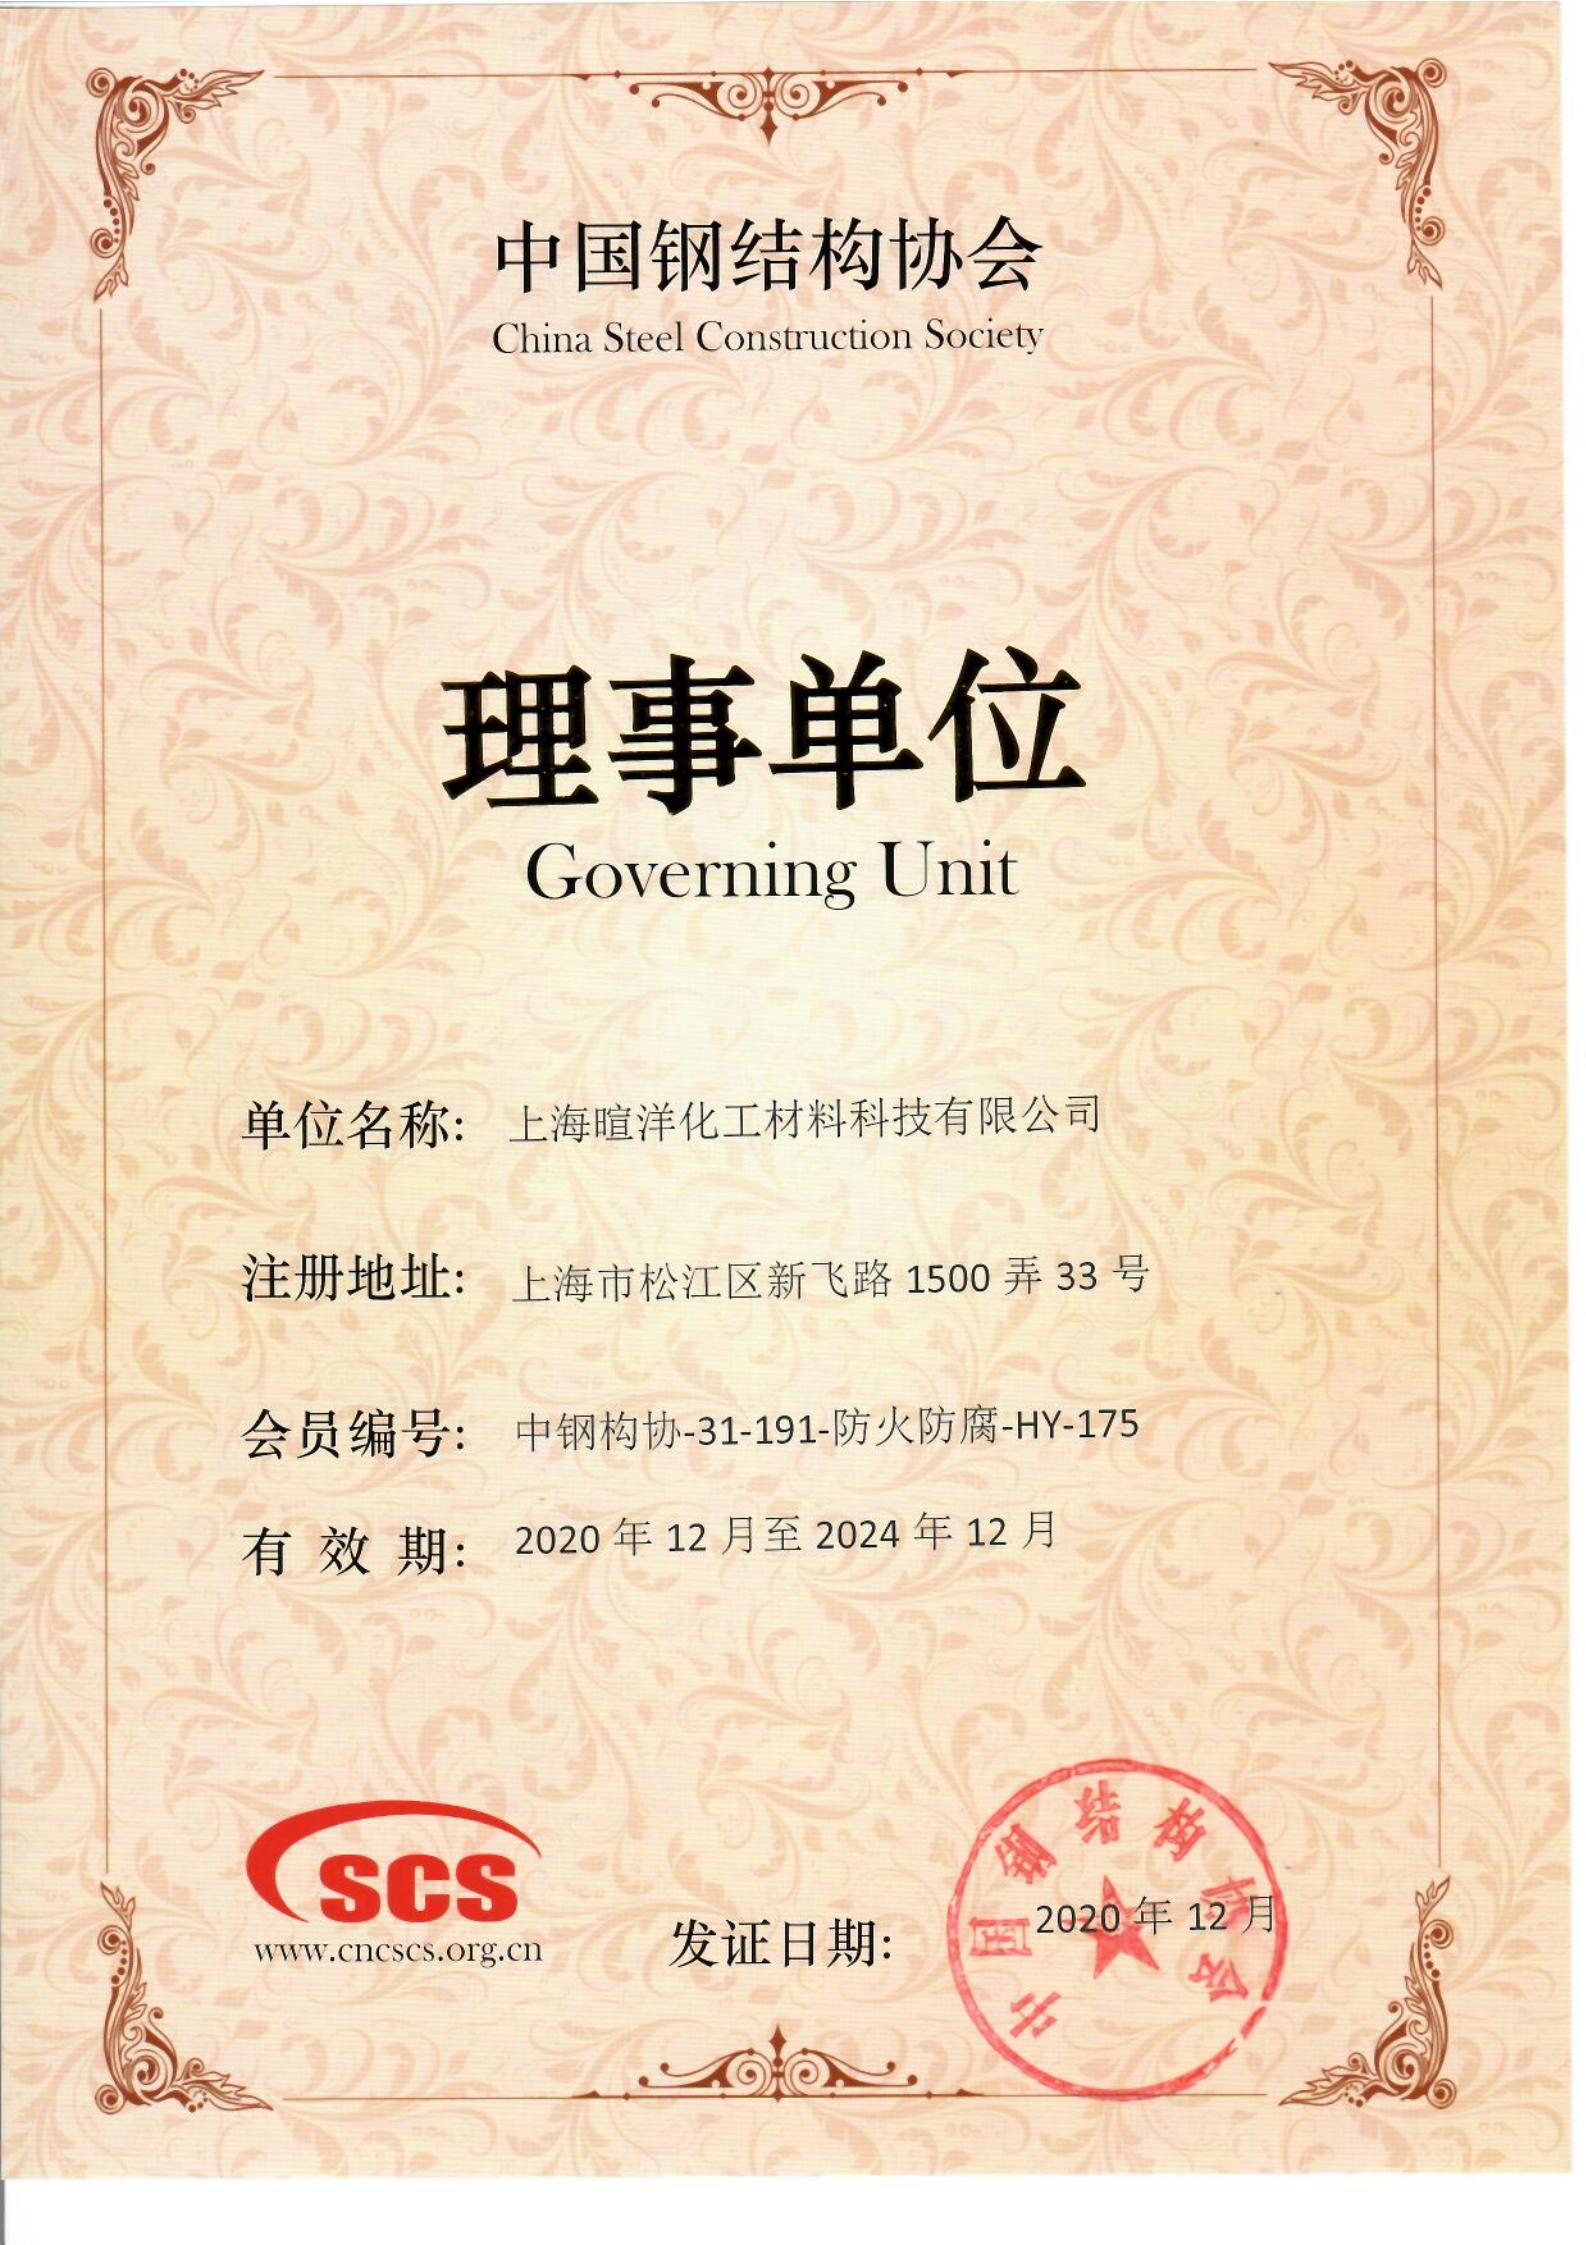 上海暄洋化工材料科技有限公司当选中国钢结构协会理事单位